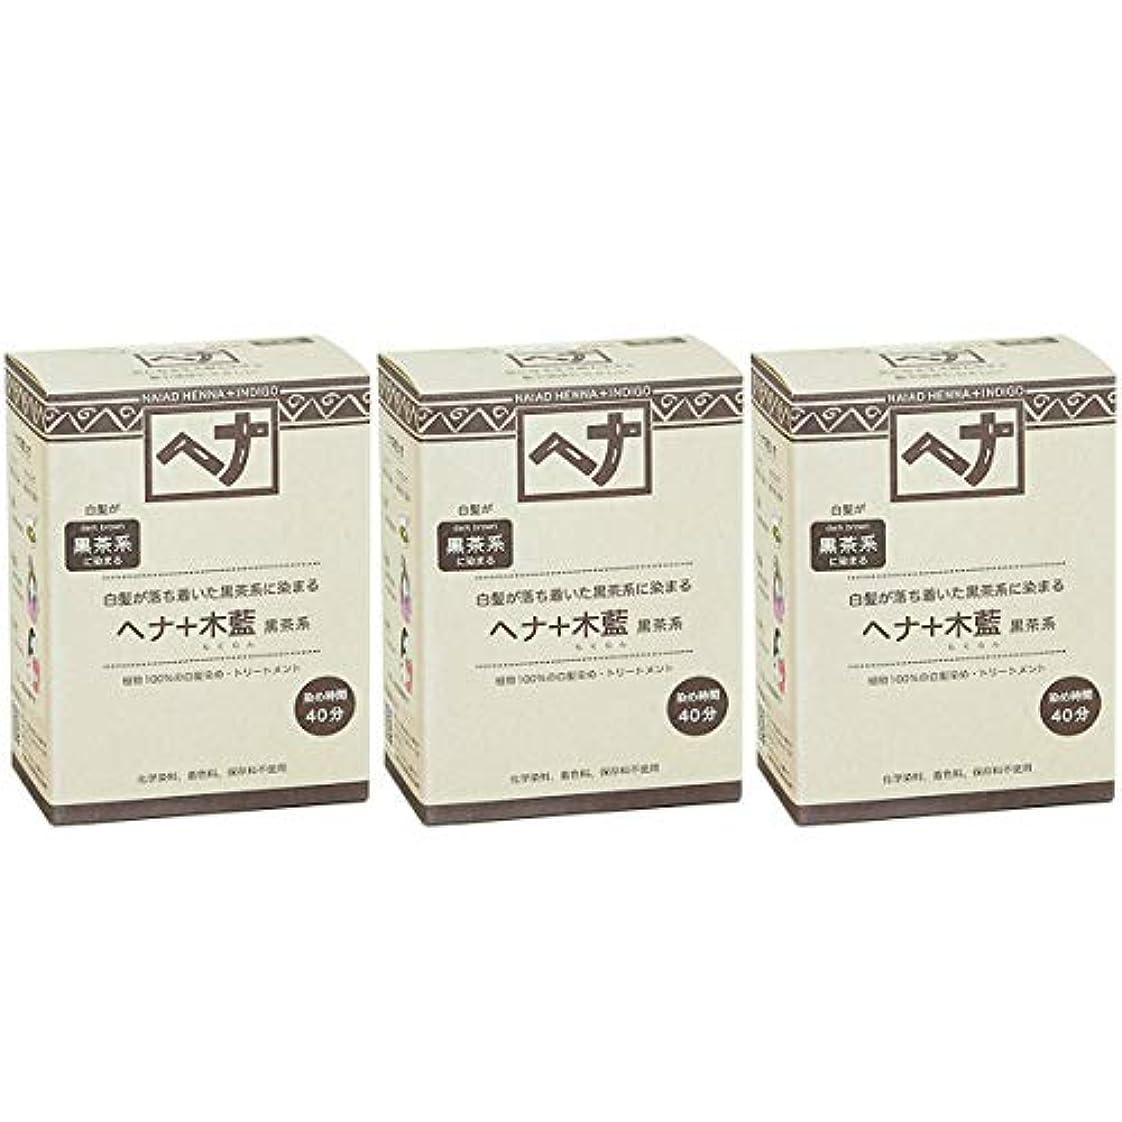 ペインティング地獄無条件ナイアード ヘナ + 木藍 黒茶系 白髪が落ち着いた黒茶系に染まる 100g 3個セット